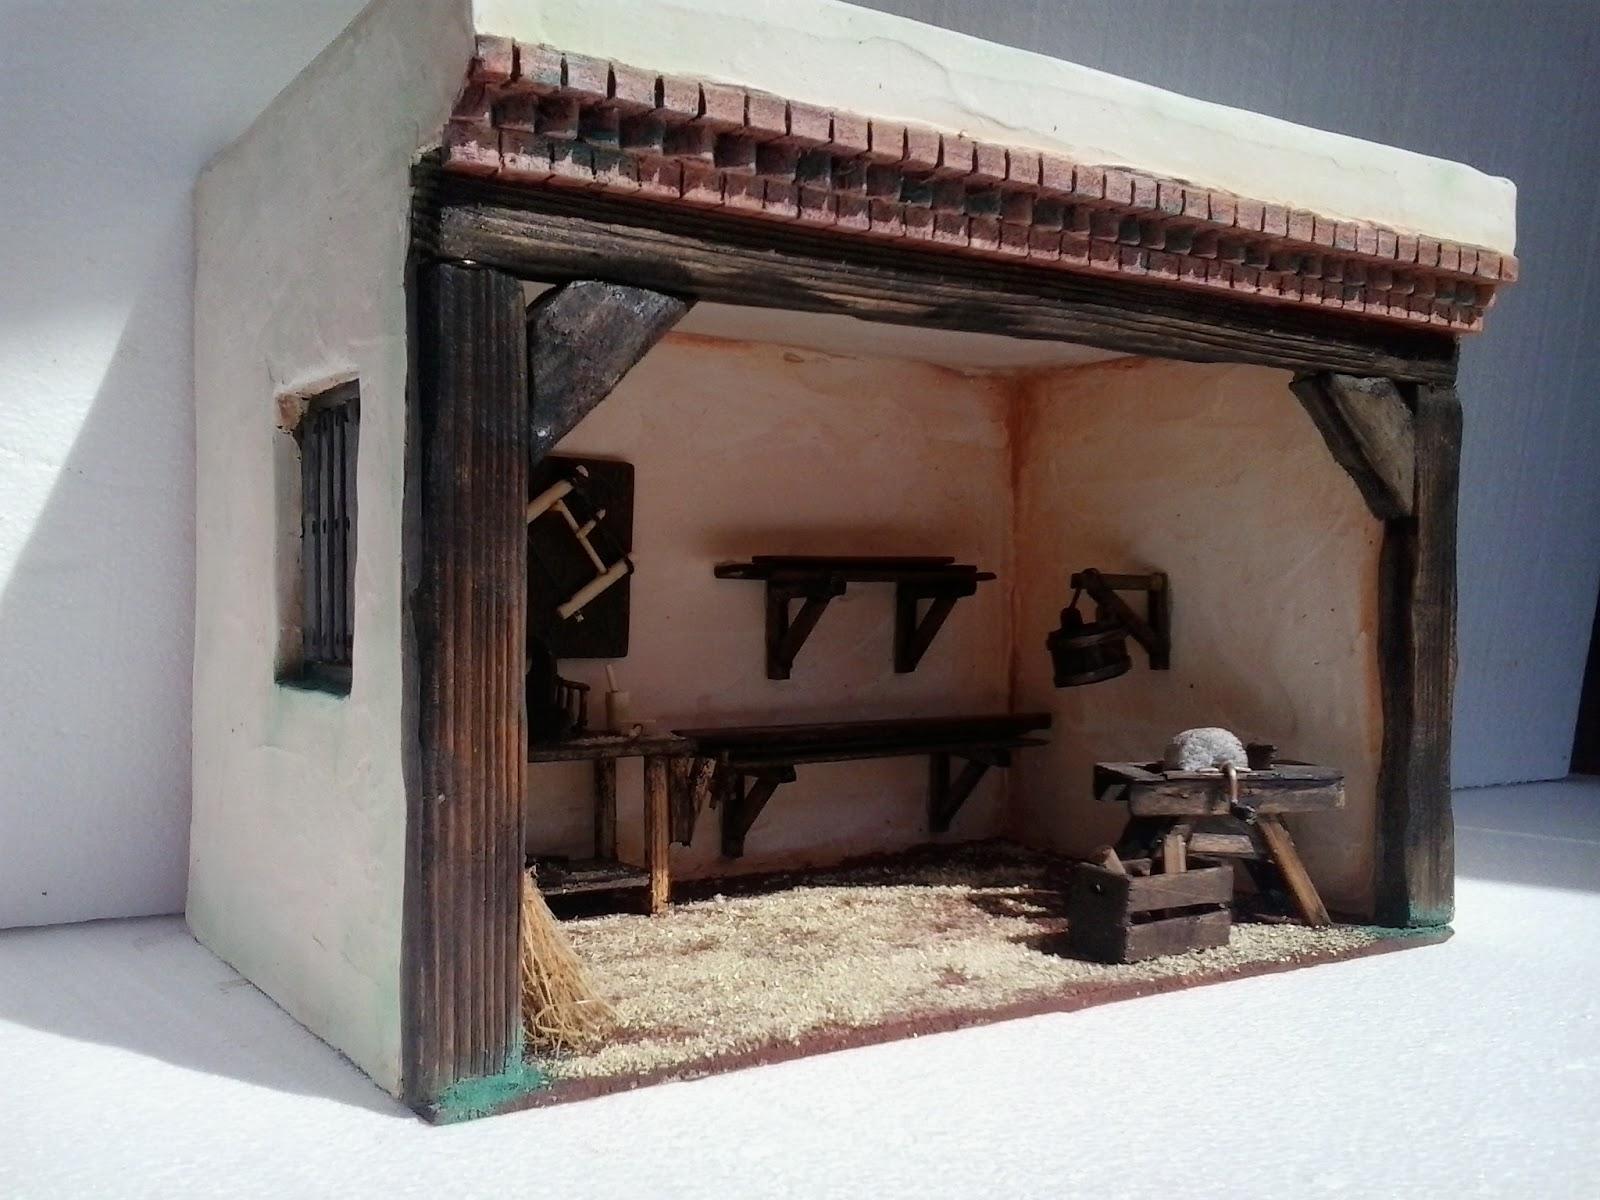 Bel n artesano carpinter a de san jos para el bel n for Casas de herramientas